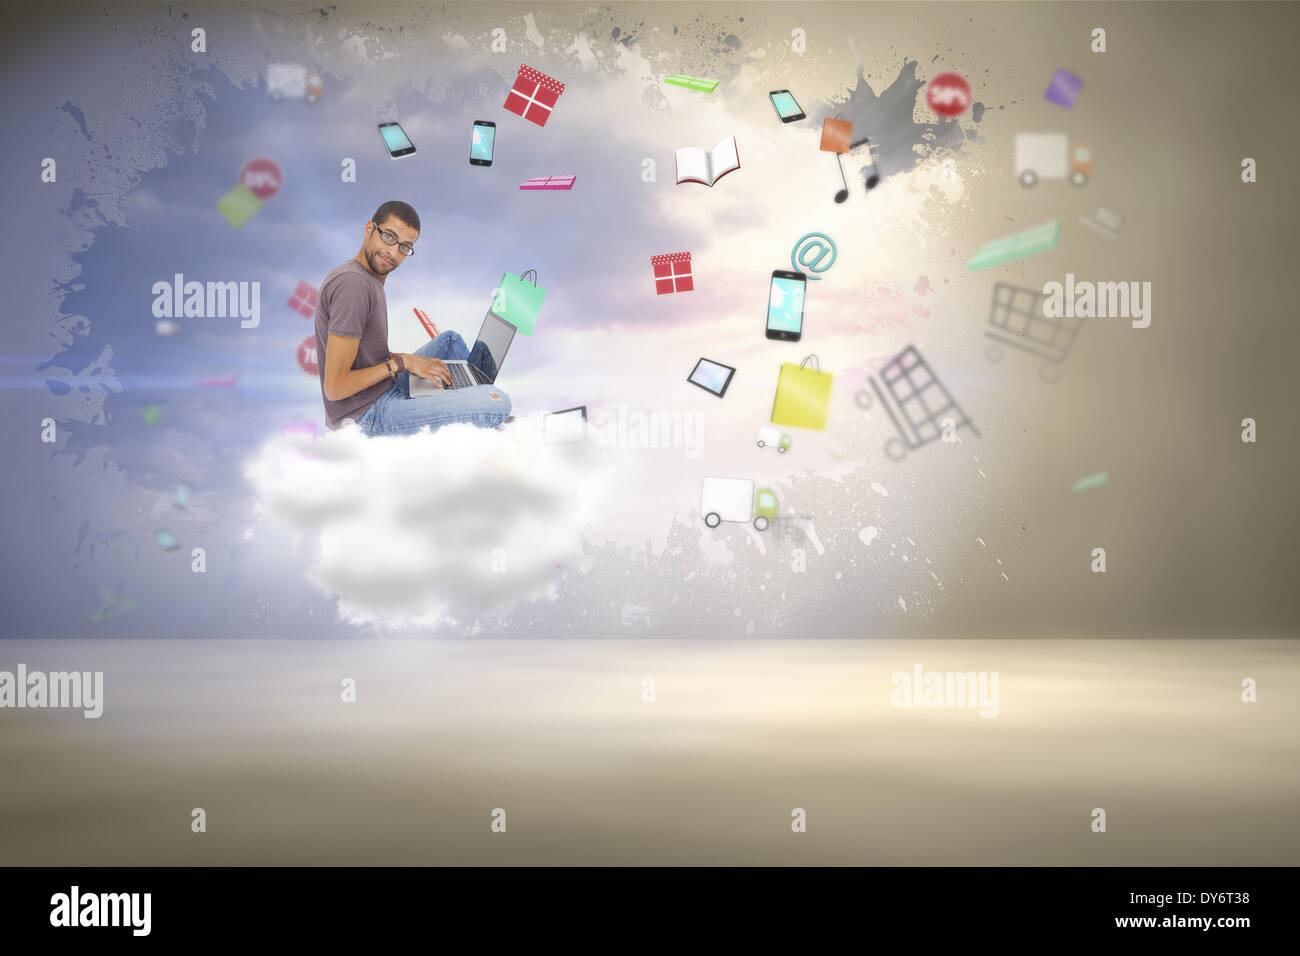 Immagine composita dell'uomo con gli occhiali seduto sul pavimento con il laptop e guardando la fotocamera Immagini Stock